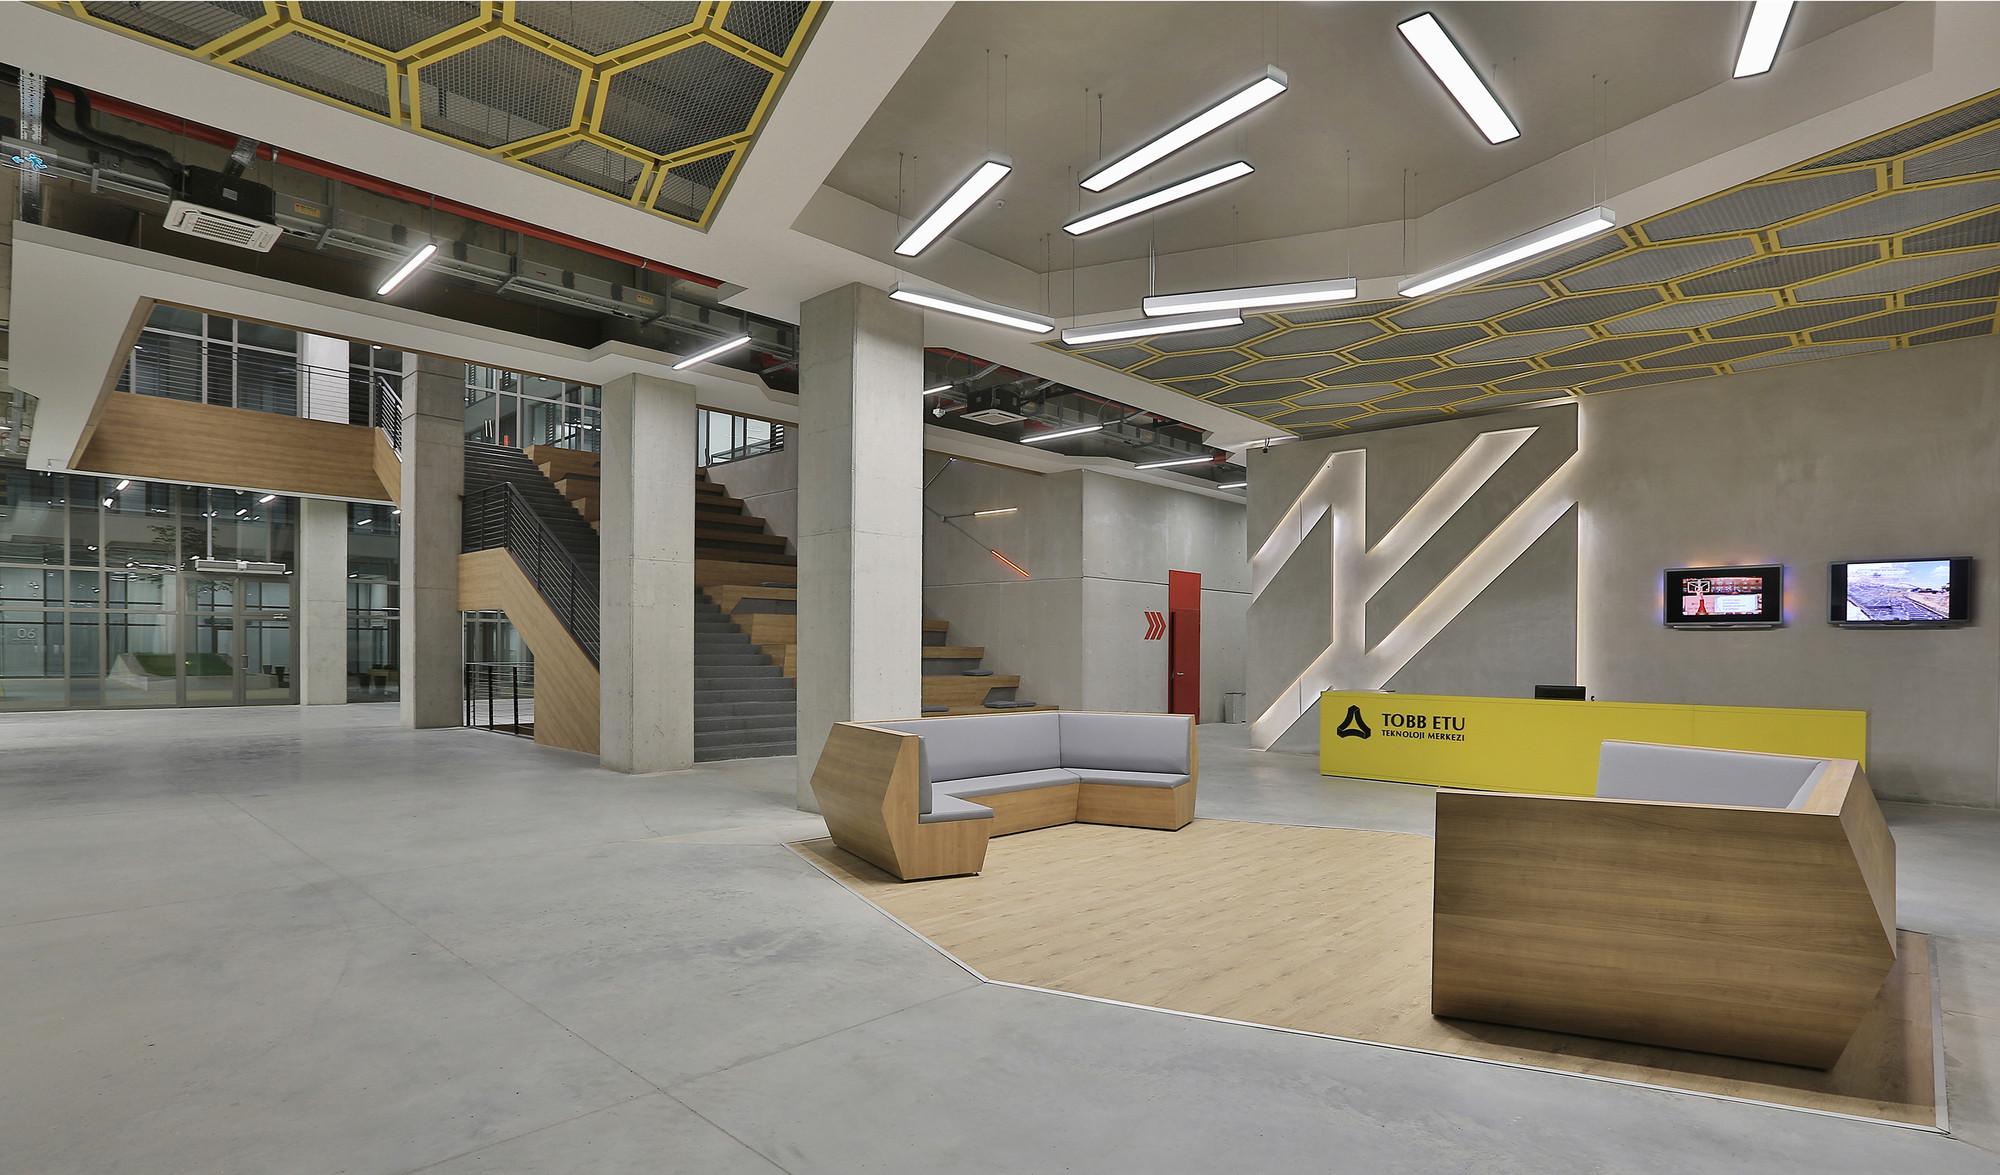 Centro tecnológicoTobb Etü  / A Architectural Design, © Fethi Mağara